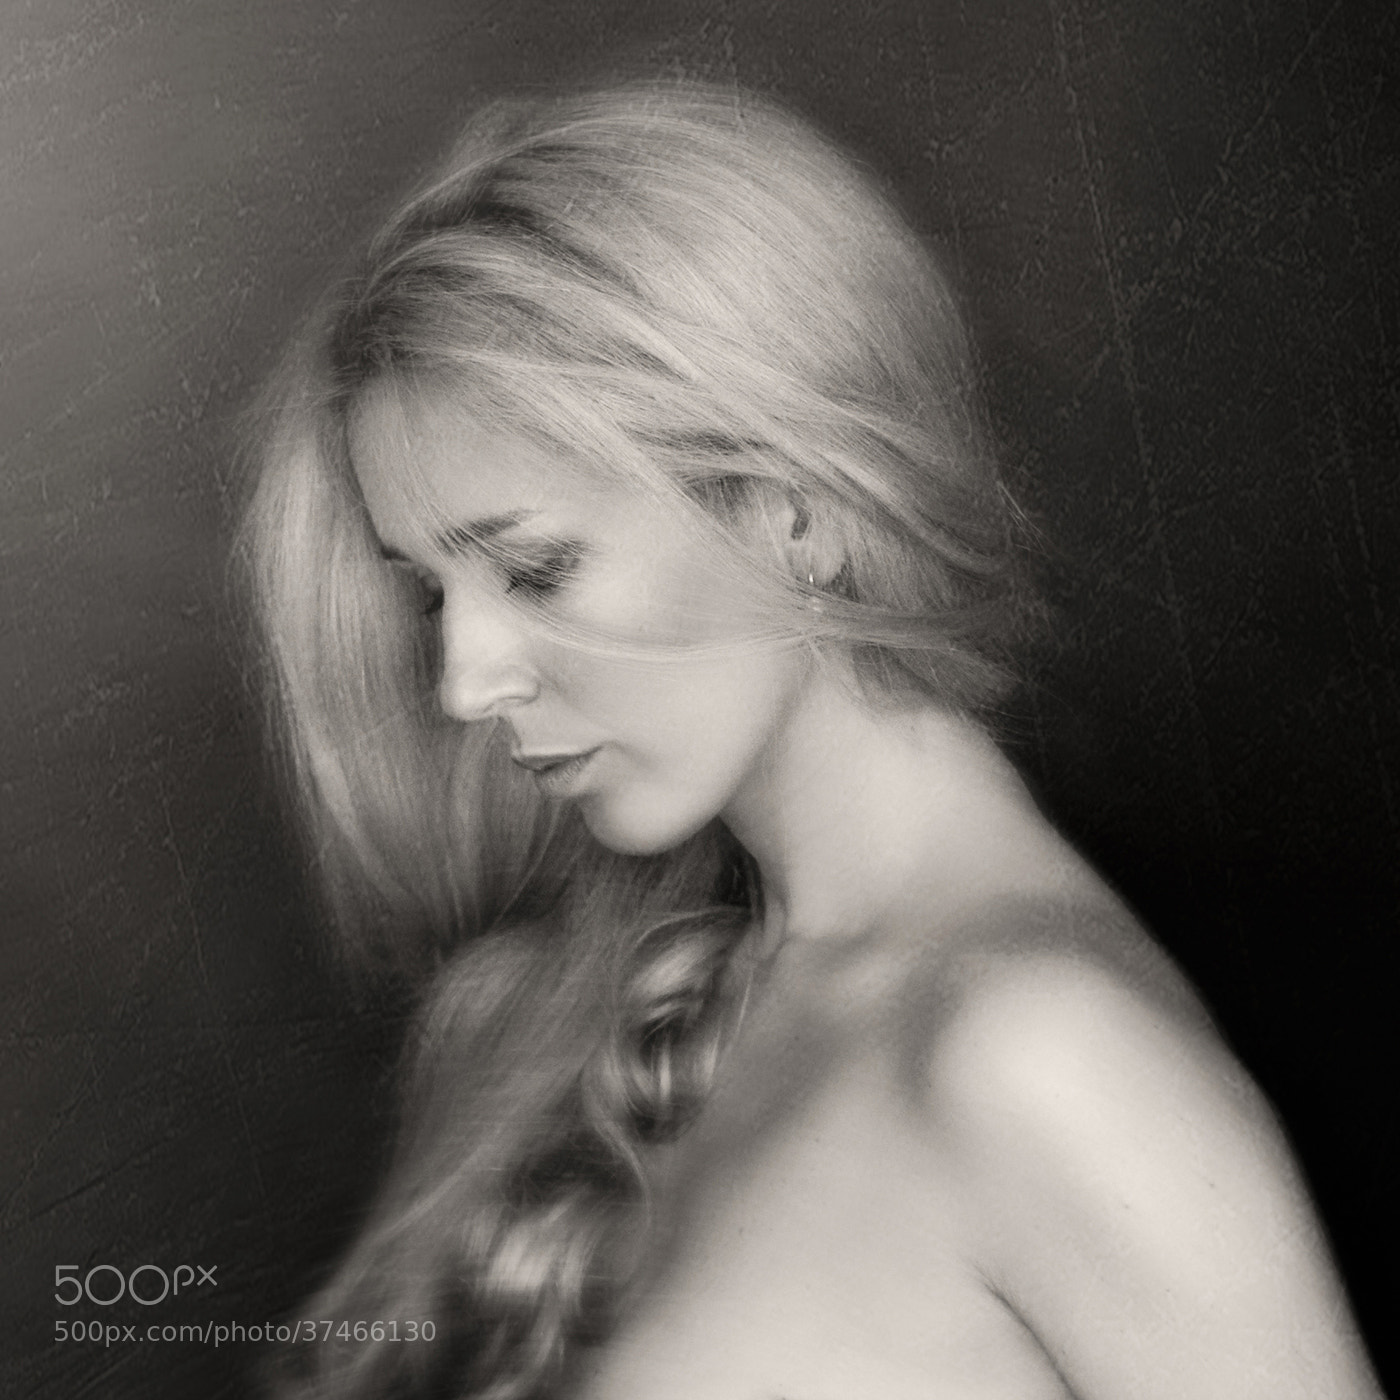 Photograph tenderness by Zuzana Abrahamova on 500px